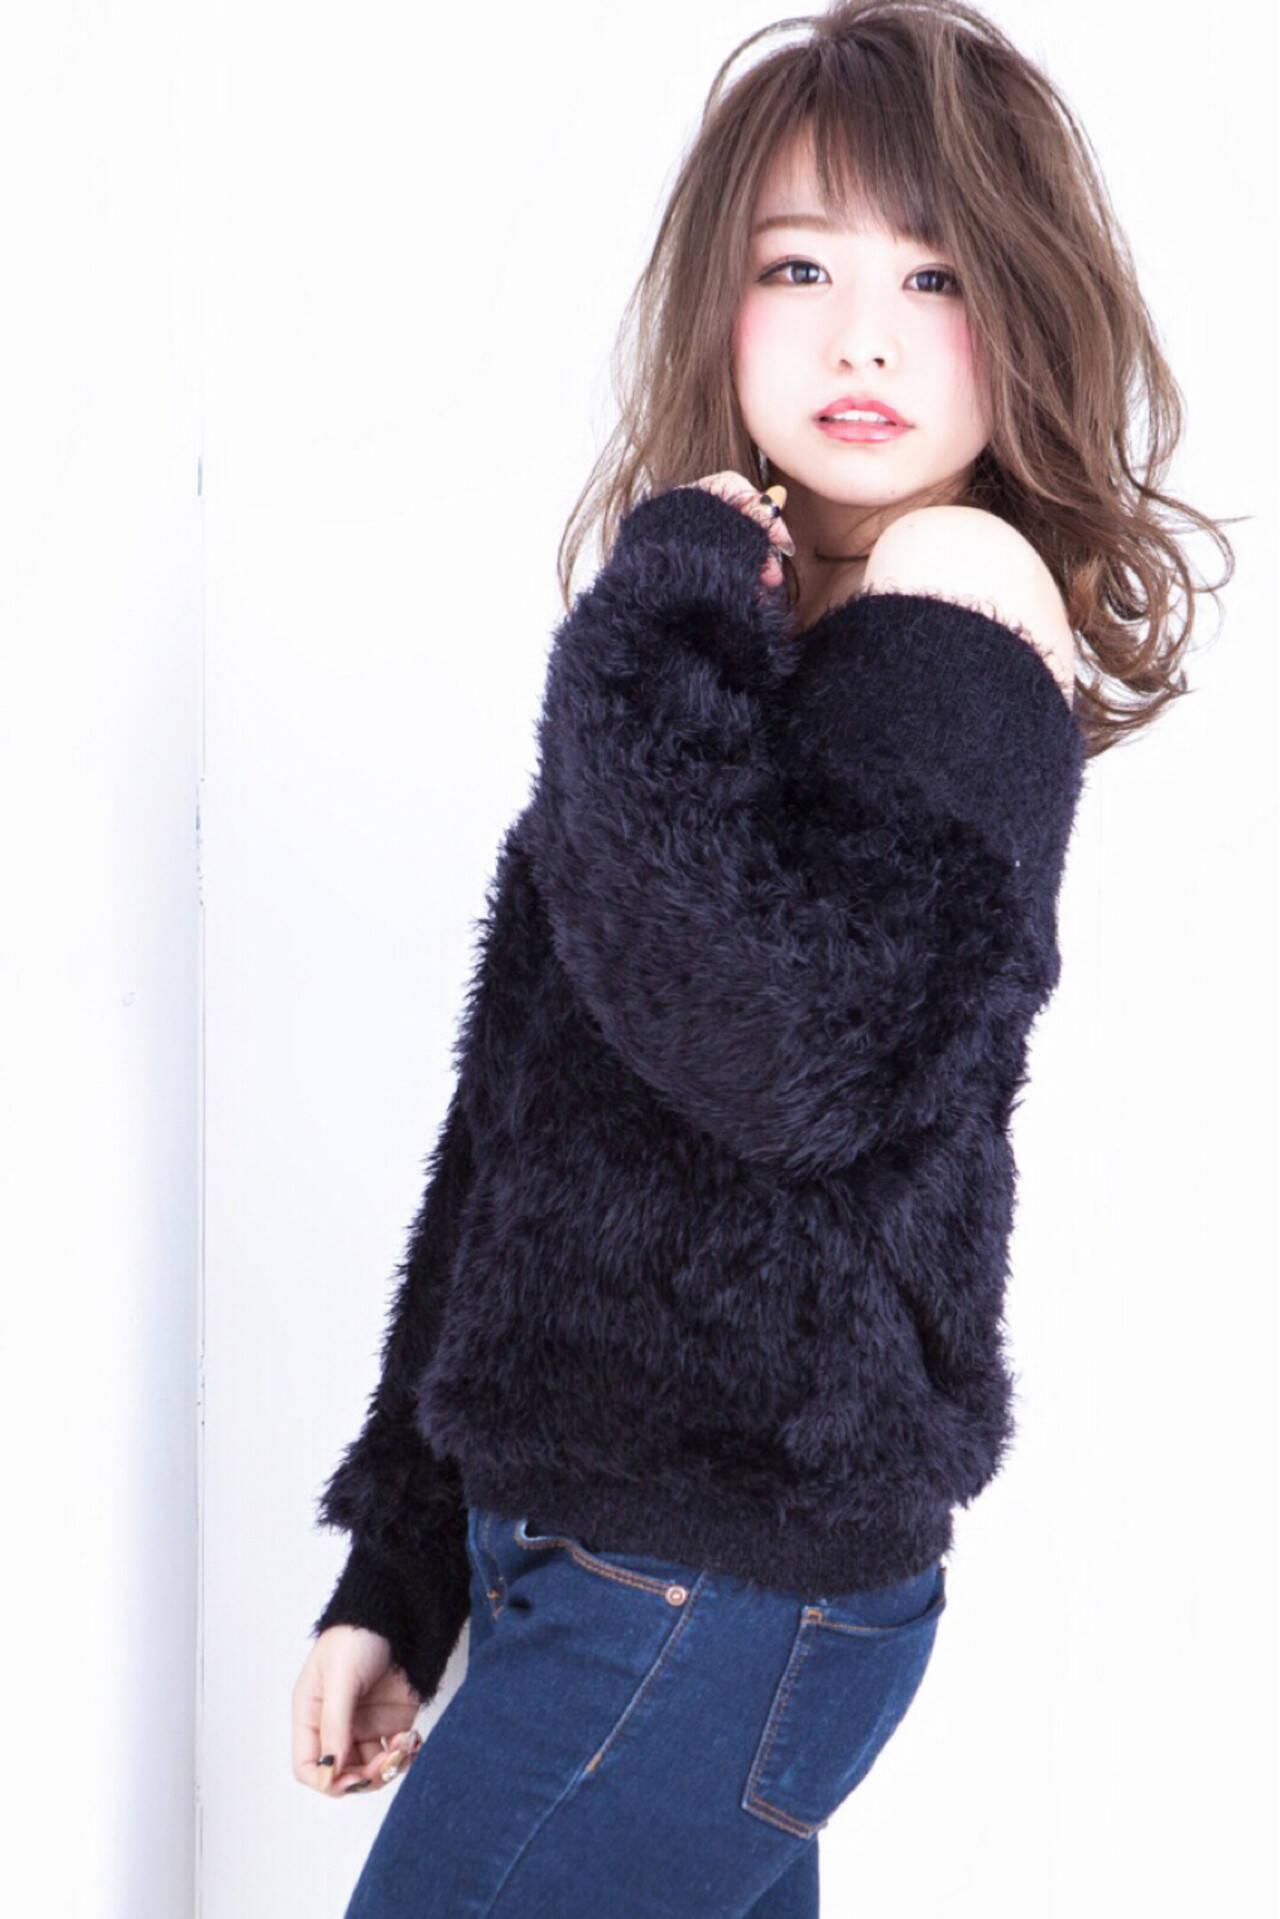 ニュアンス 大人女子 小顔 グレージュヘアスタイルや髪型の写真・画像